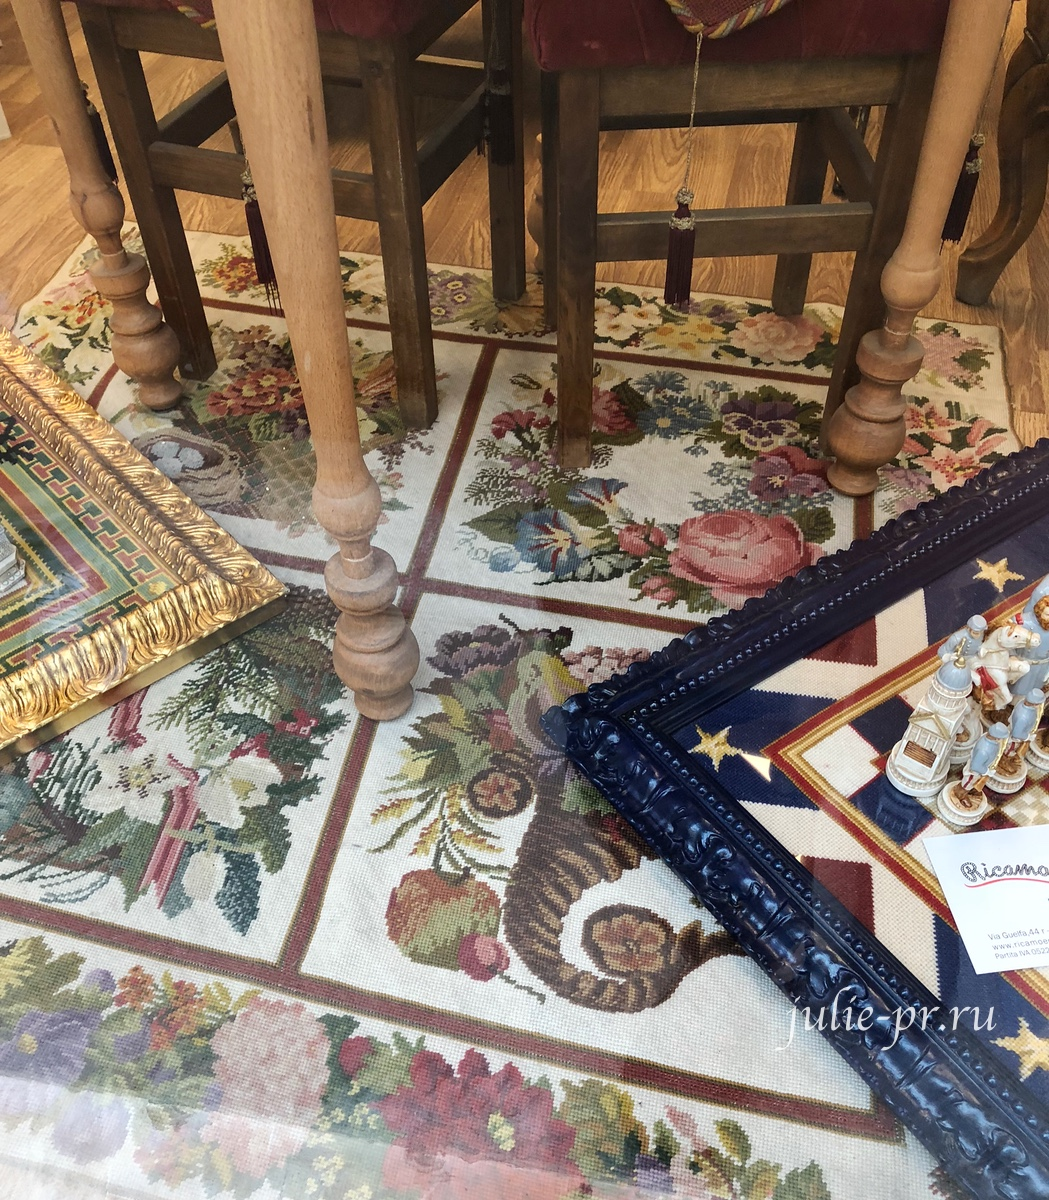 Рукодельный магазин Ricamo & Cucito, Флоренция, Италия, вышивка крестом, вышитый ковер